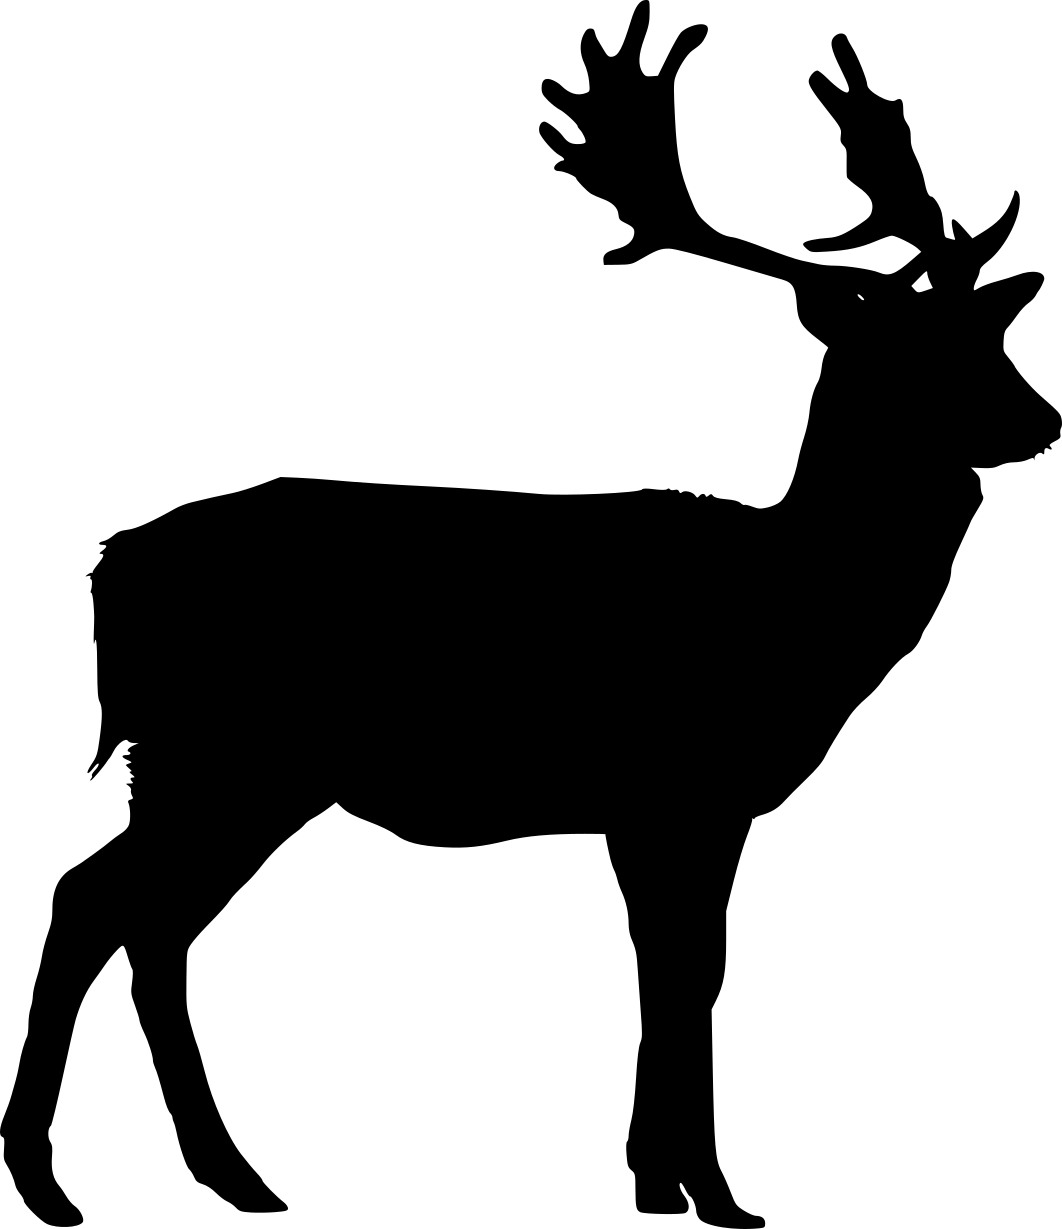 deer-silhouette-6.png